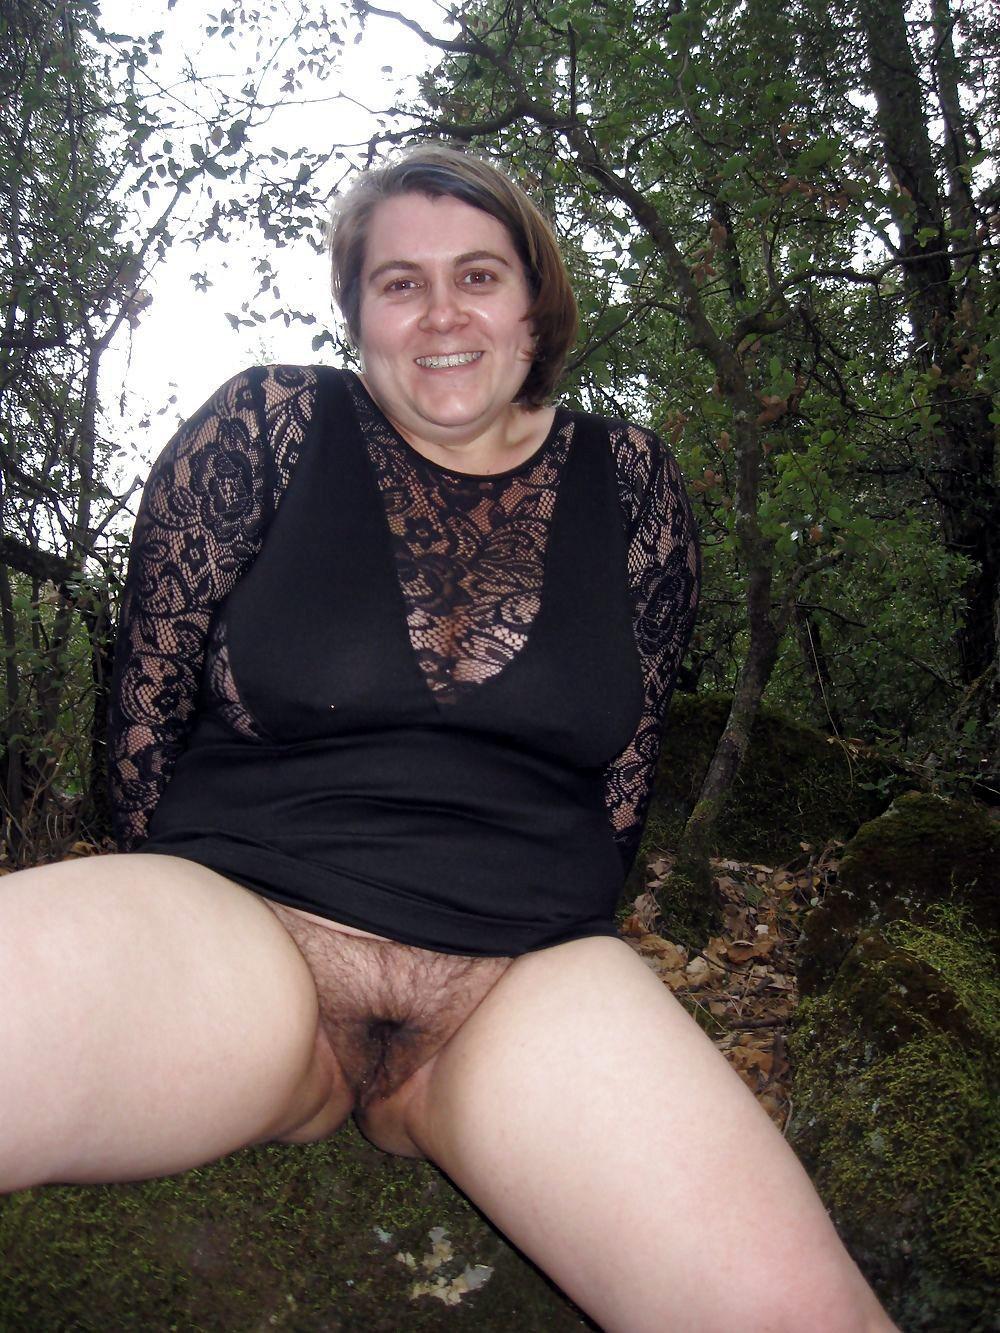 bbw amateur wife flashing -